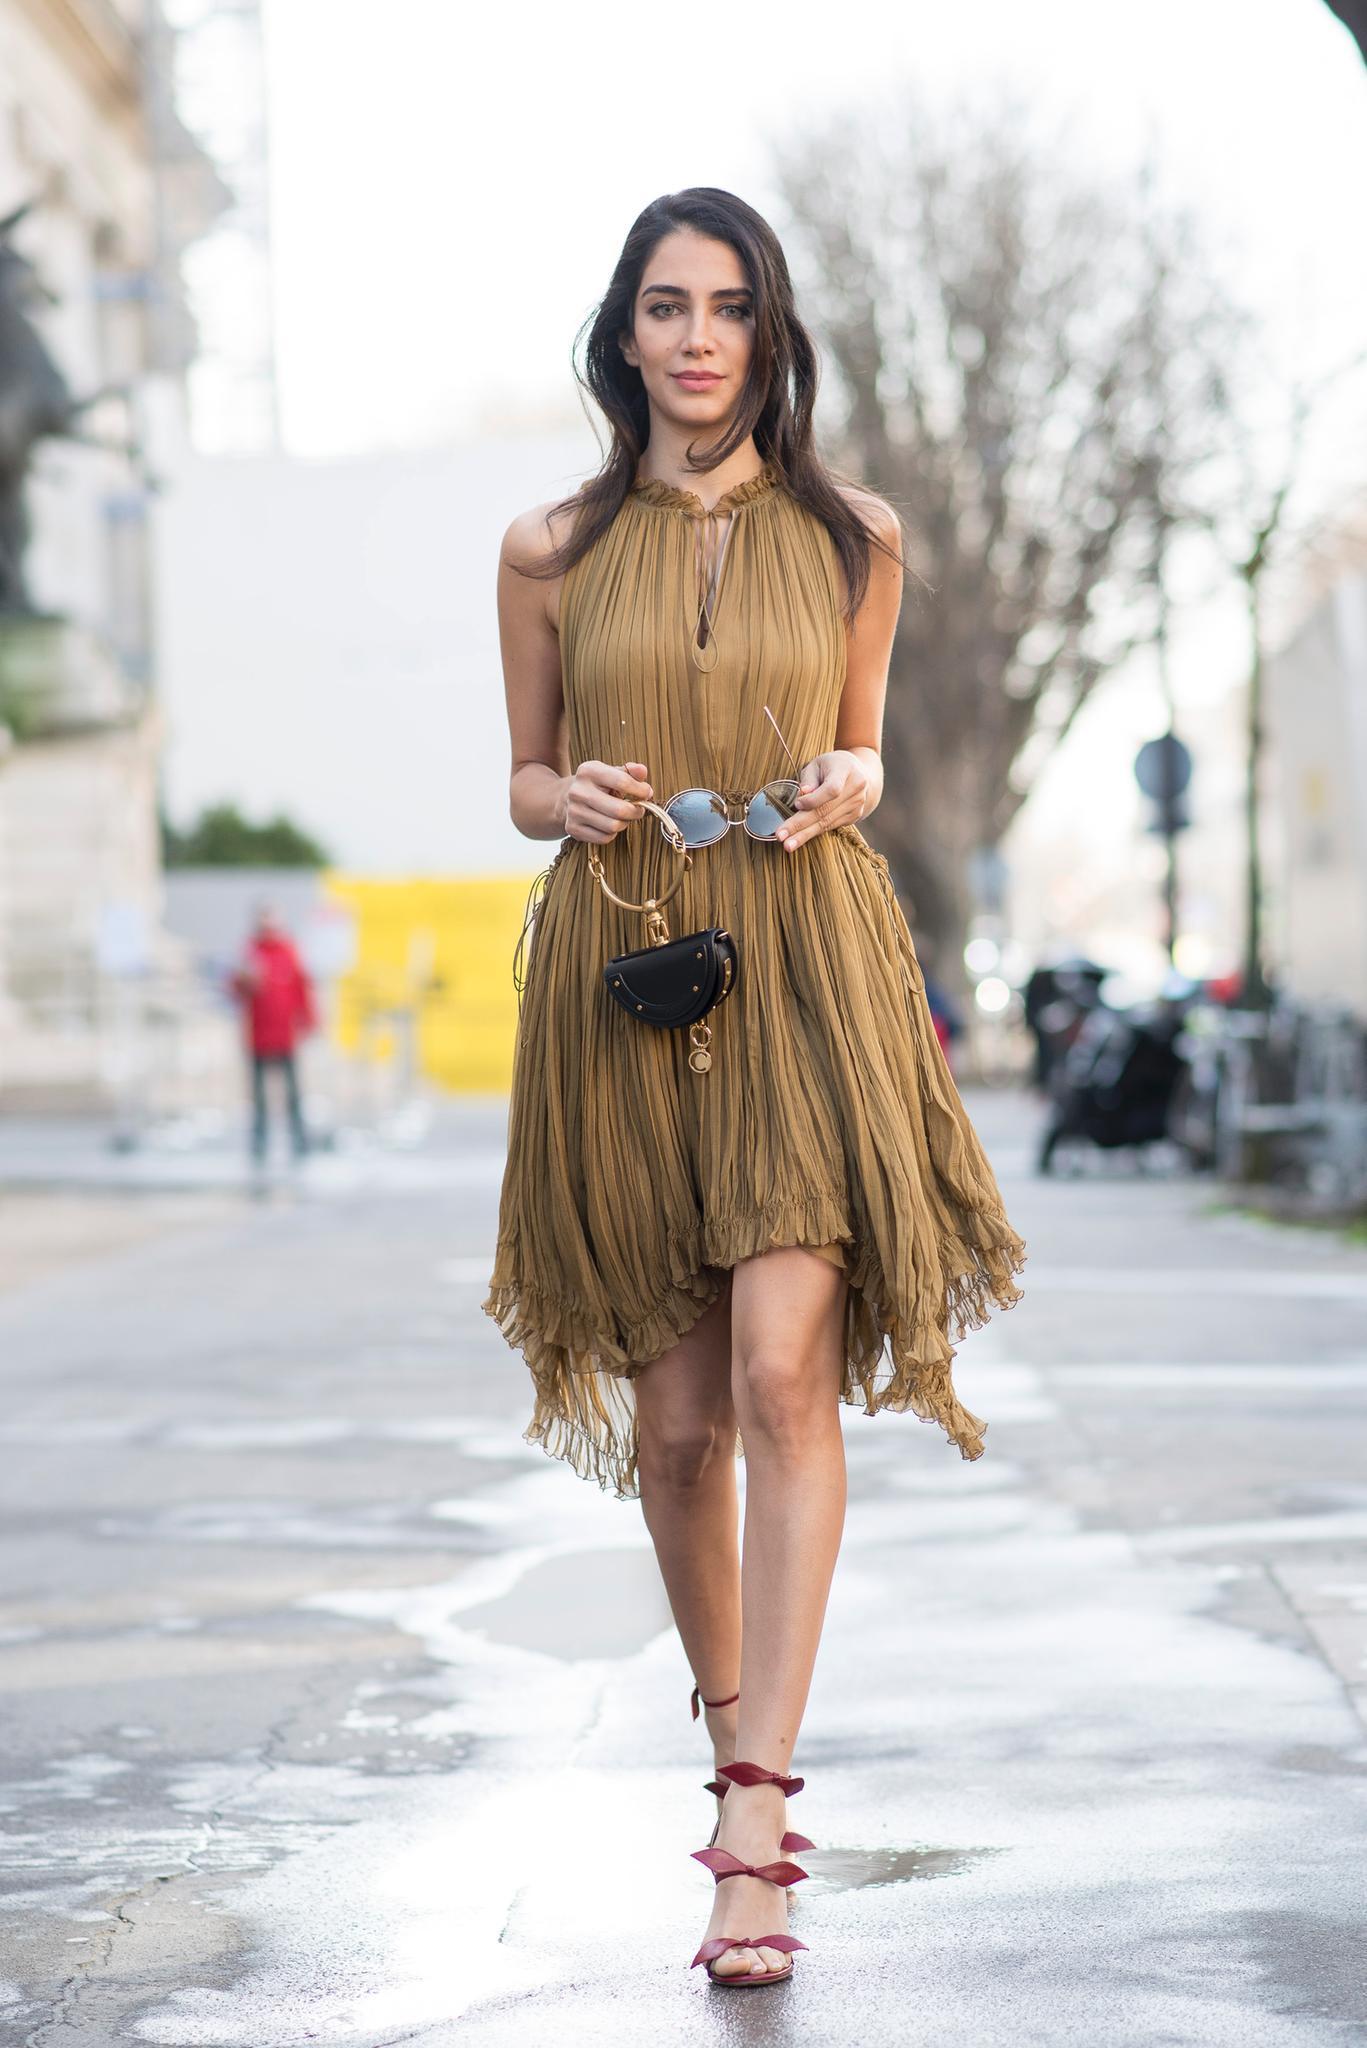 Die schönsten Streetstyles, die Lust auf Frühling machen: Rüschen-Kleid